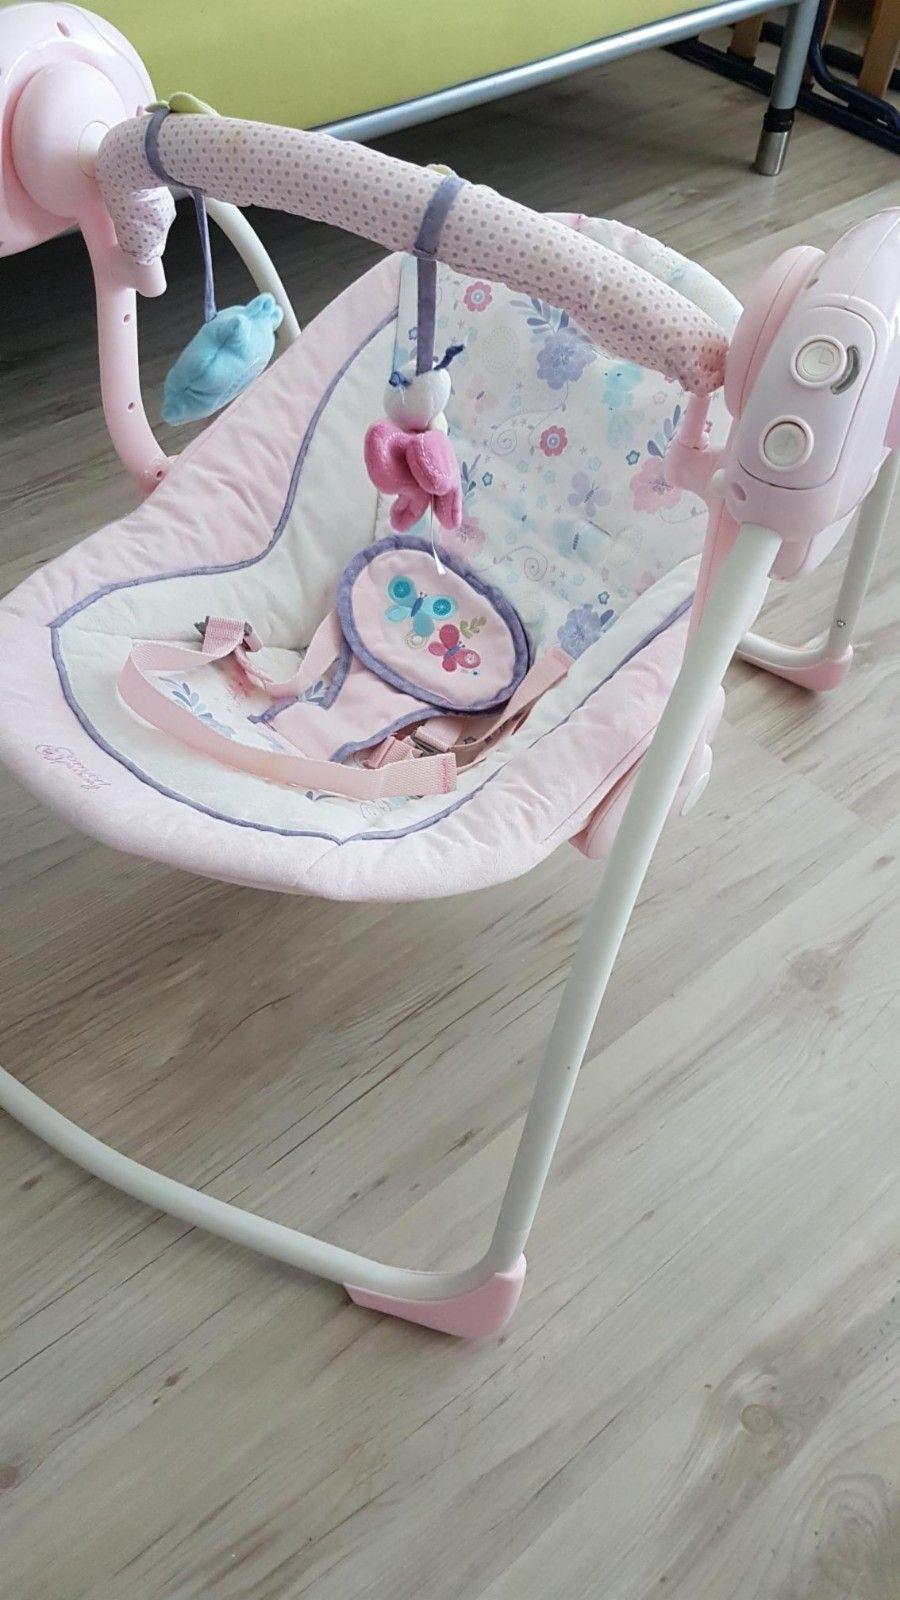 Vippestol Rosa Baby Gynge Med Musikk Til Jente Finnno